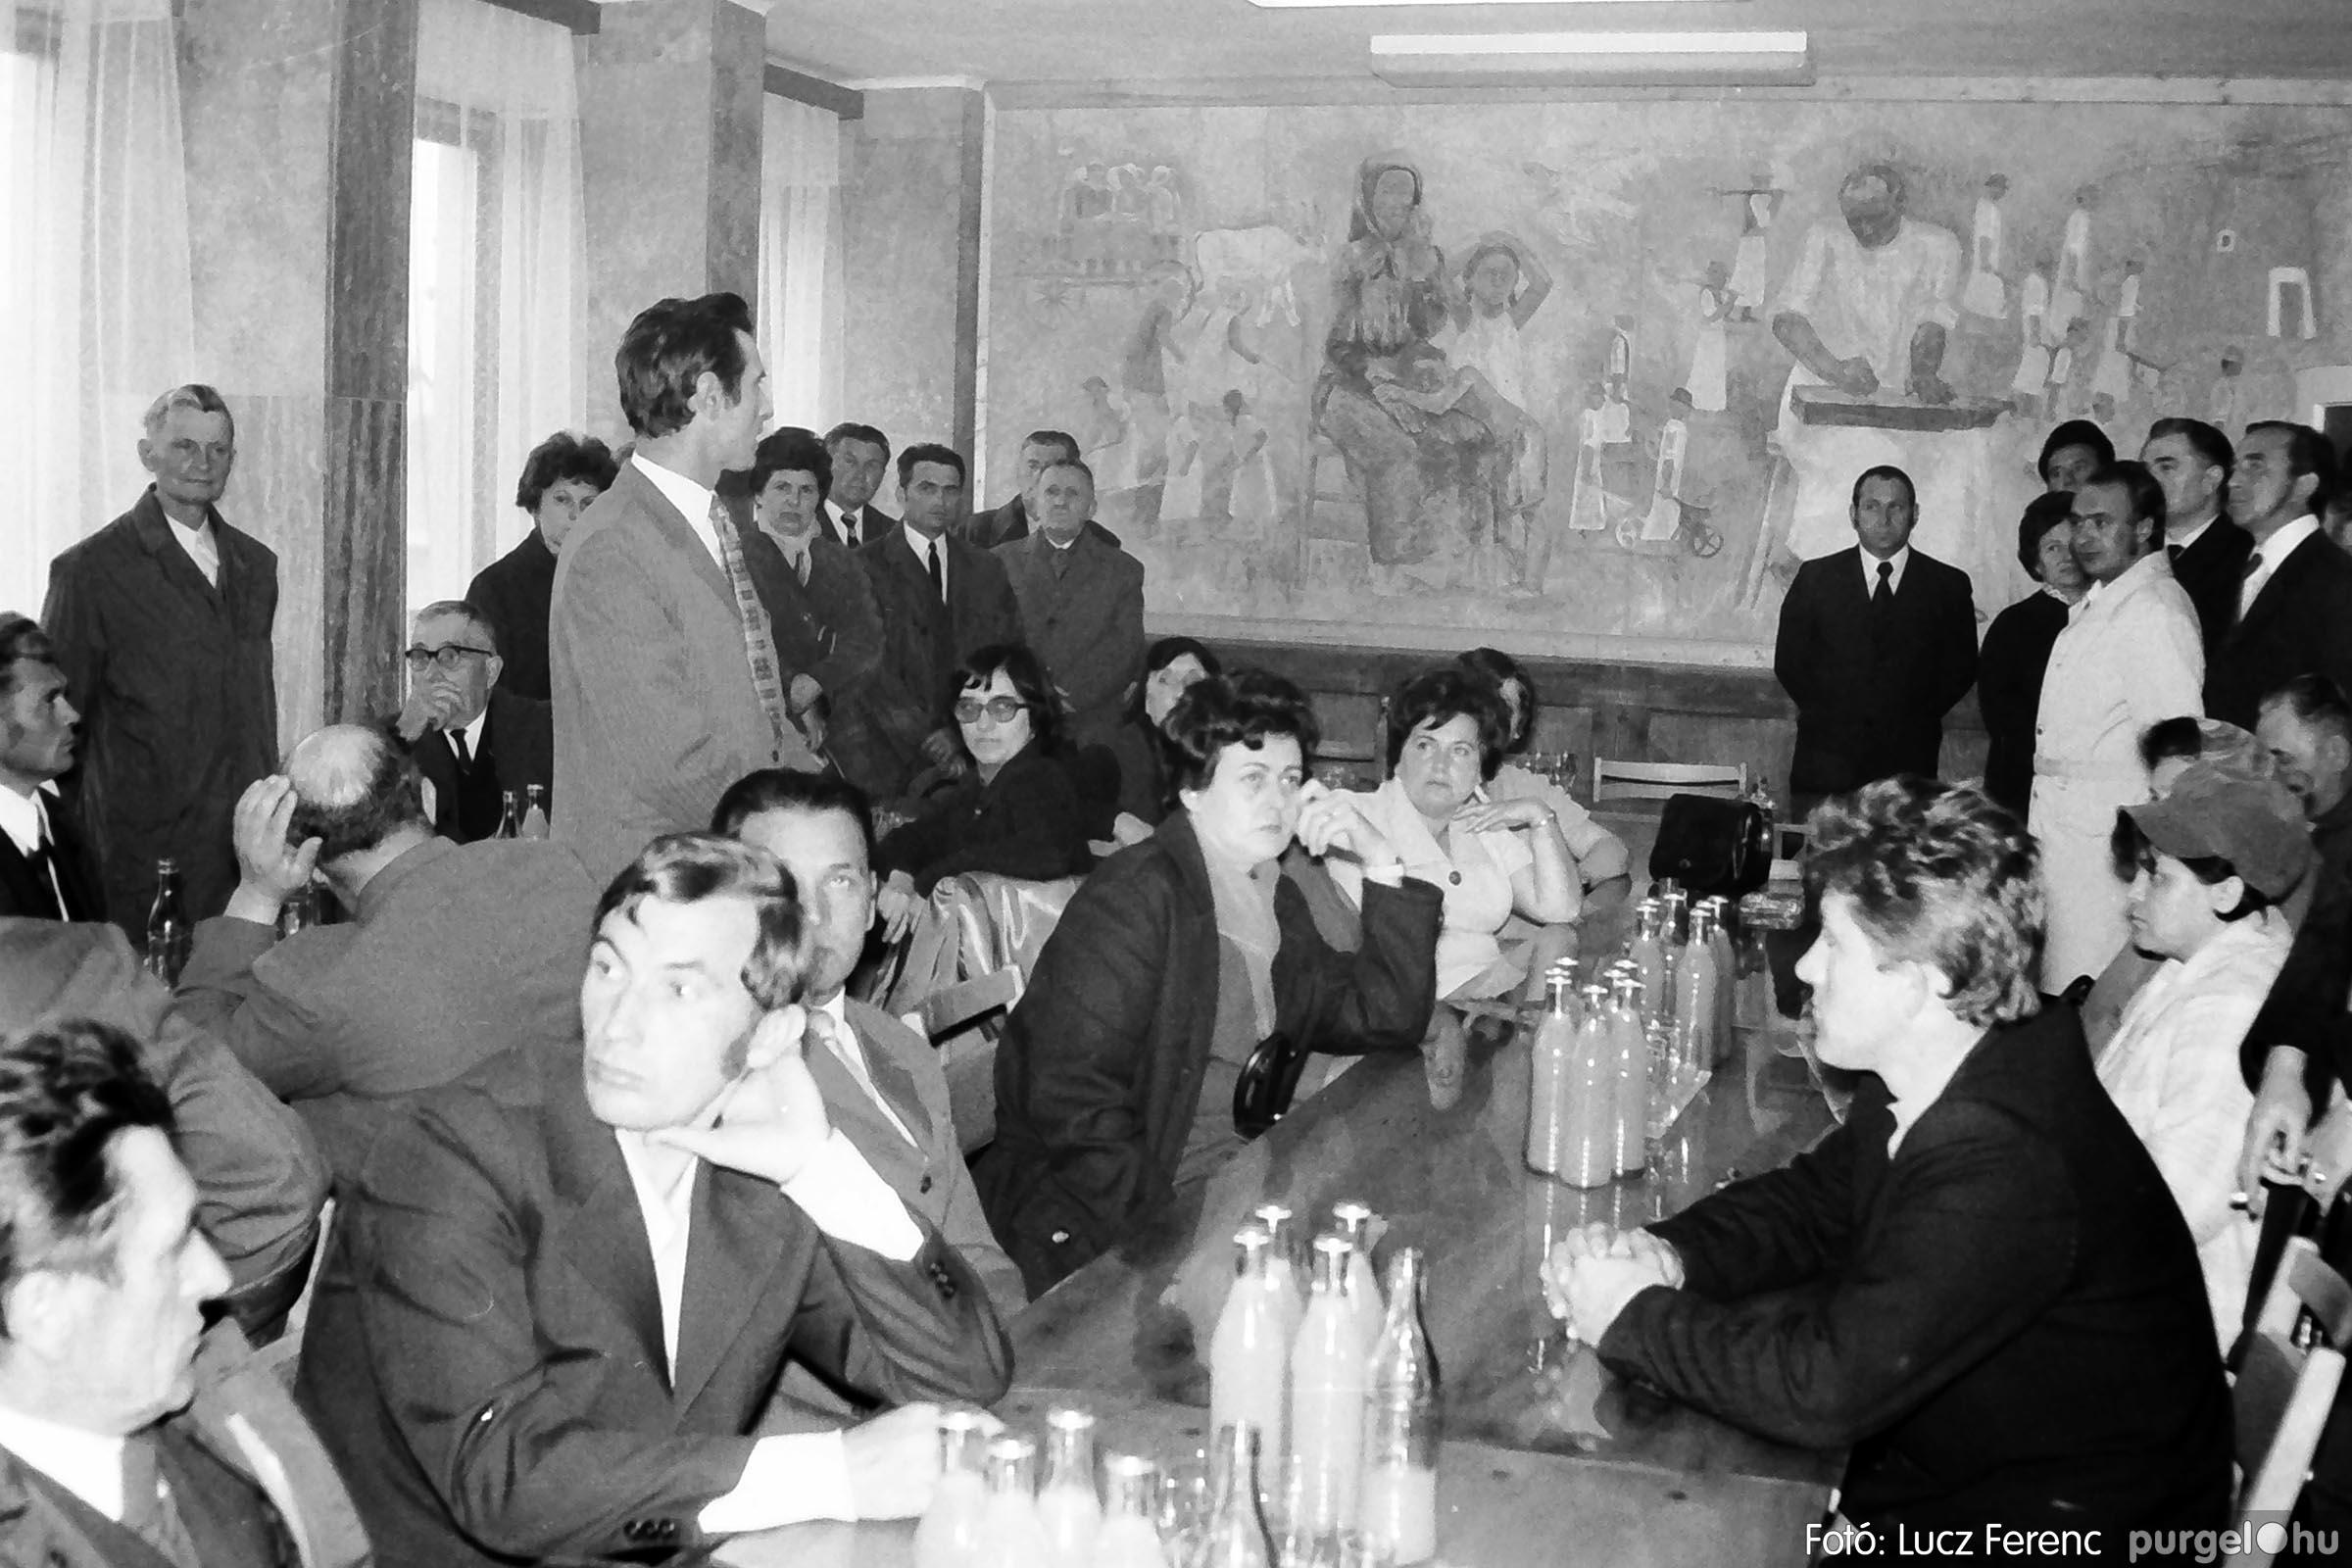 008 1975.04. Falfestmény átadása a pártházban 004 - Fotó: Lucz Ferenc IMG00122q.jpg